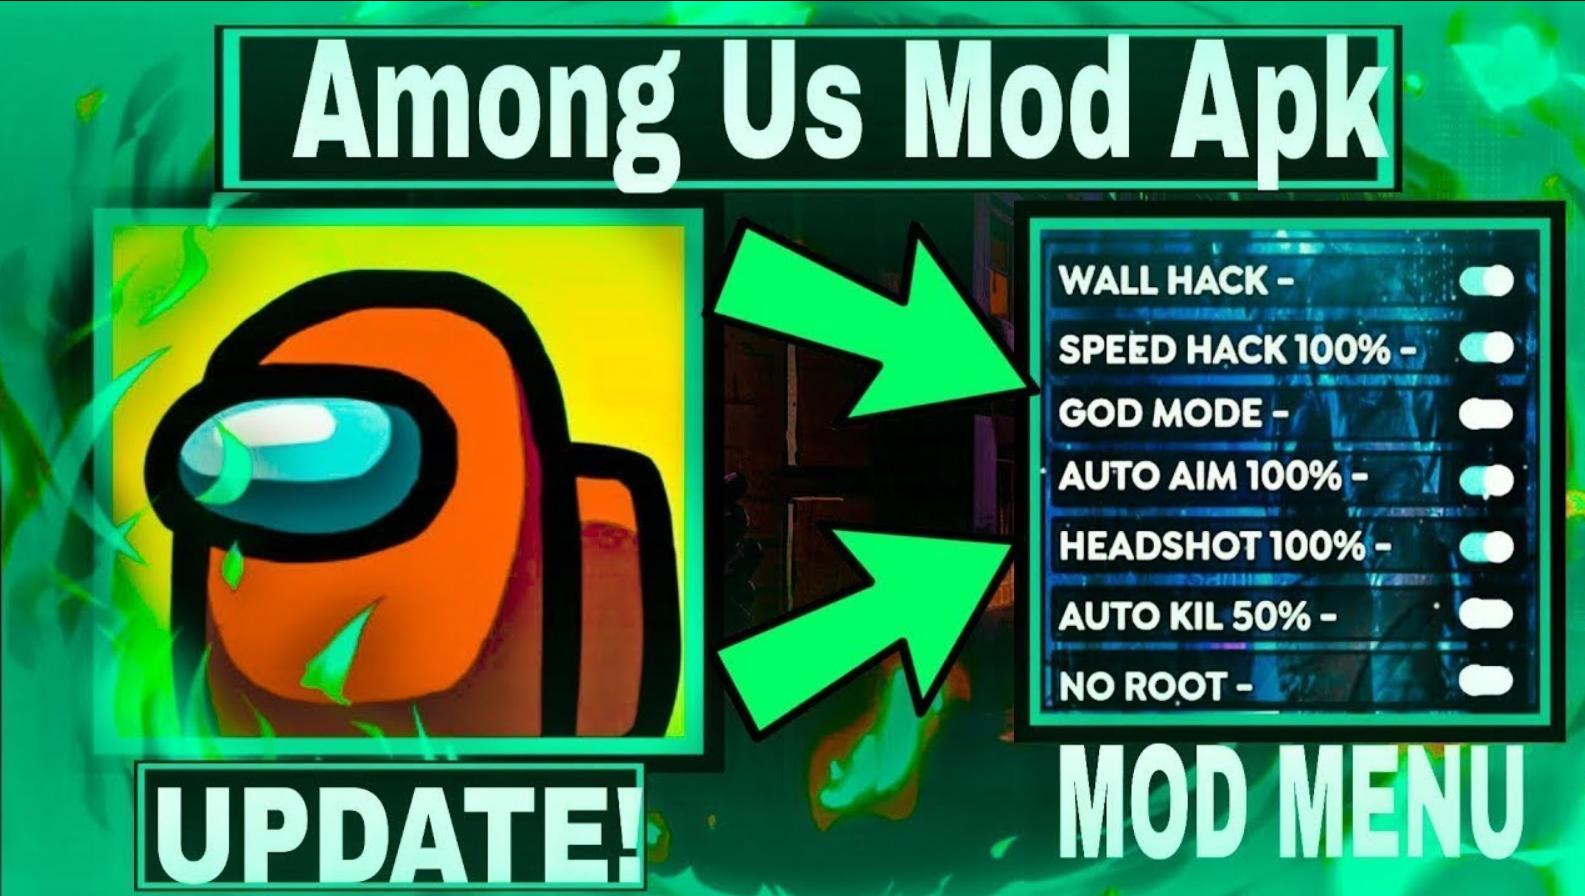 Among Us Mod Menu Apk V2020 9 9 Mod Visible Chat All Unlocked Download In 2020 Download Hacks Hacks Mod